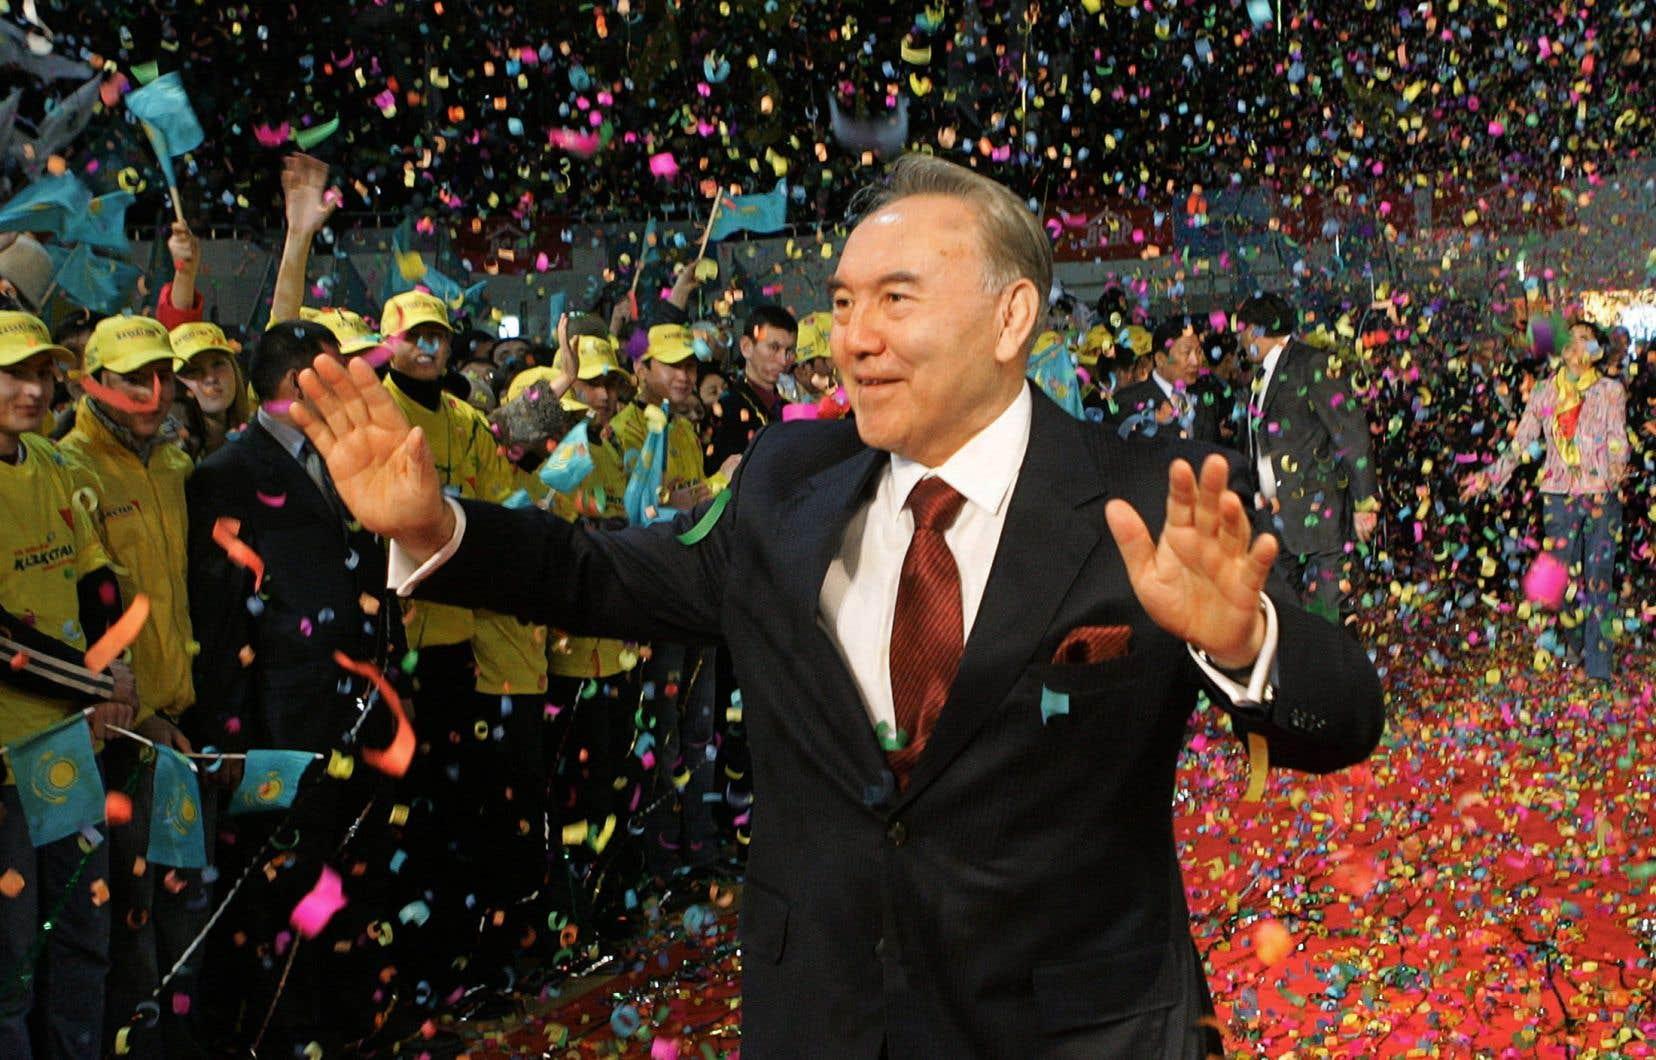 Noursoultan Nazarbaïev après sa victoire à l'élection de 2005. Les présidentielles n'ont jamais été reconnues comme libres et justes par les observateurs internationaux.